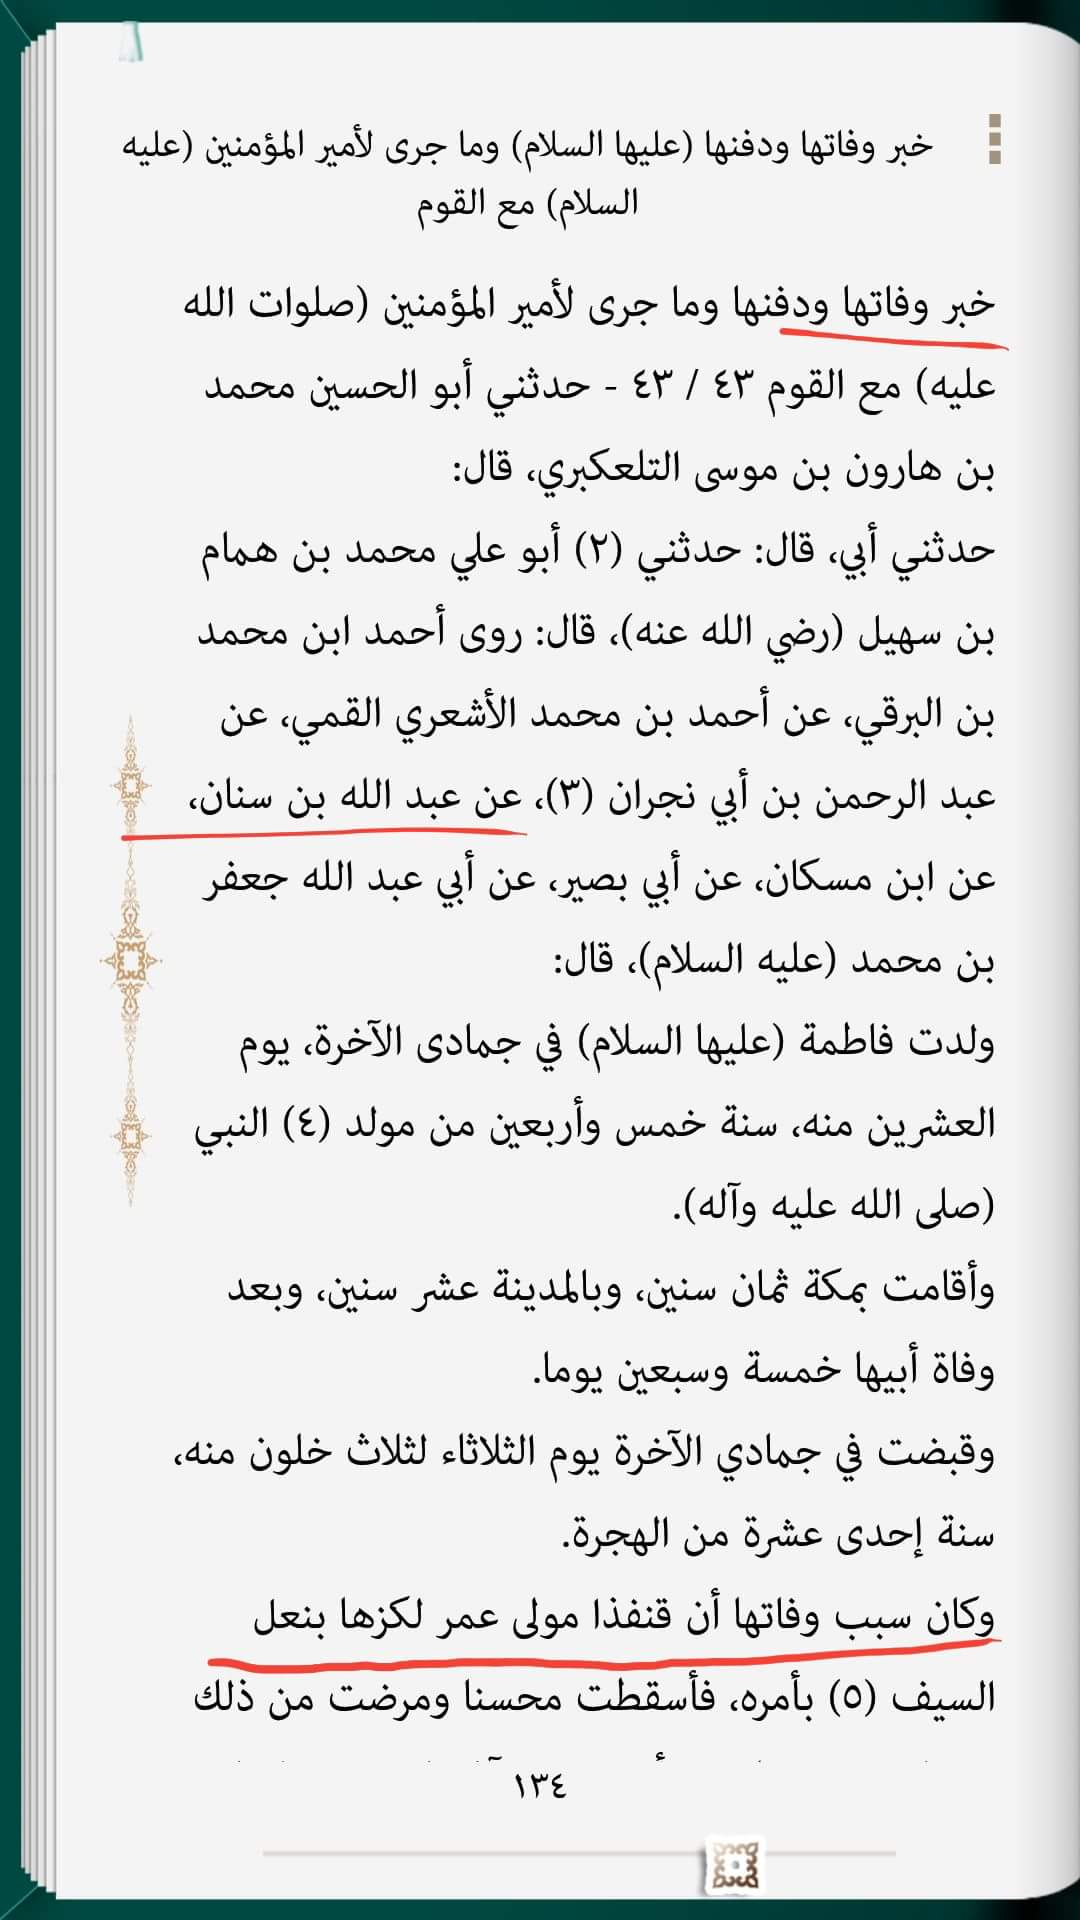 قصة عن كمال الكاشاني المحقق العملاق!!